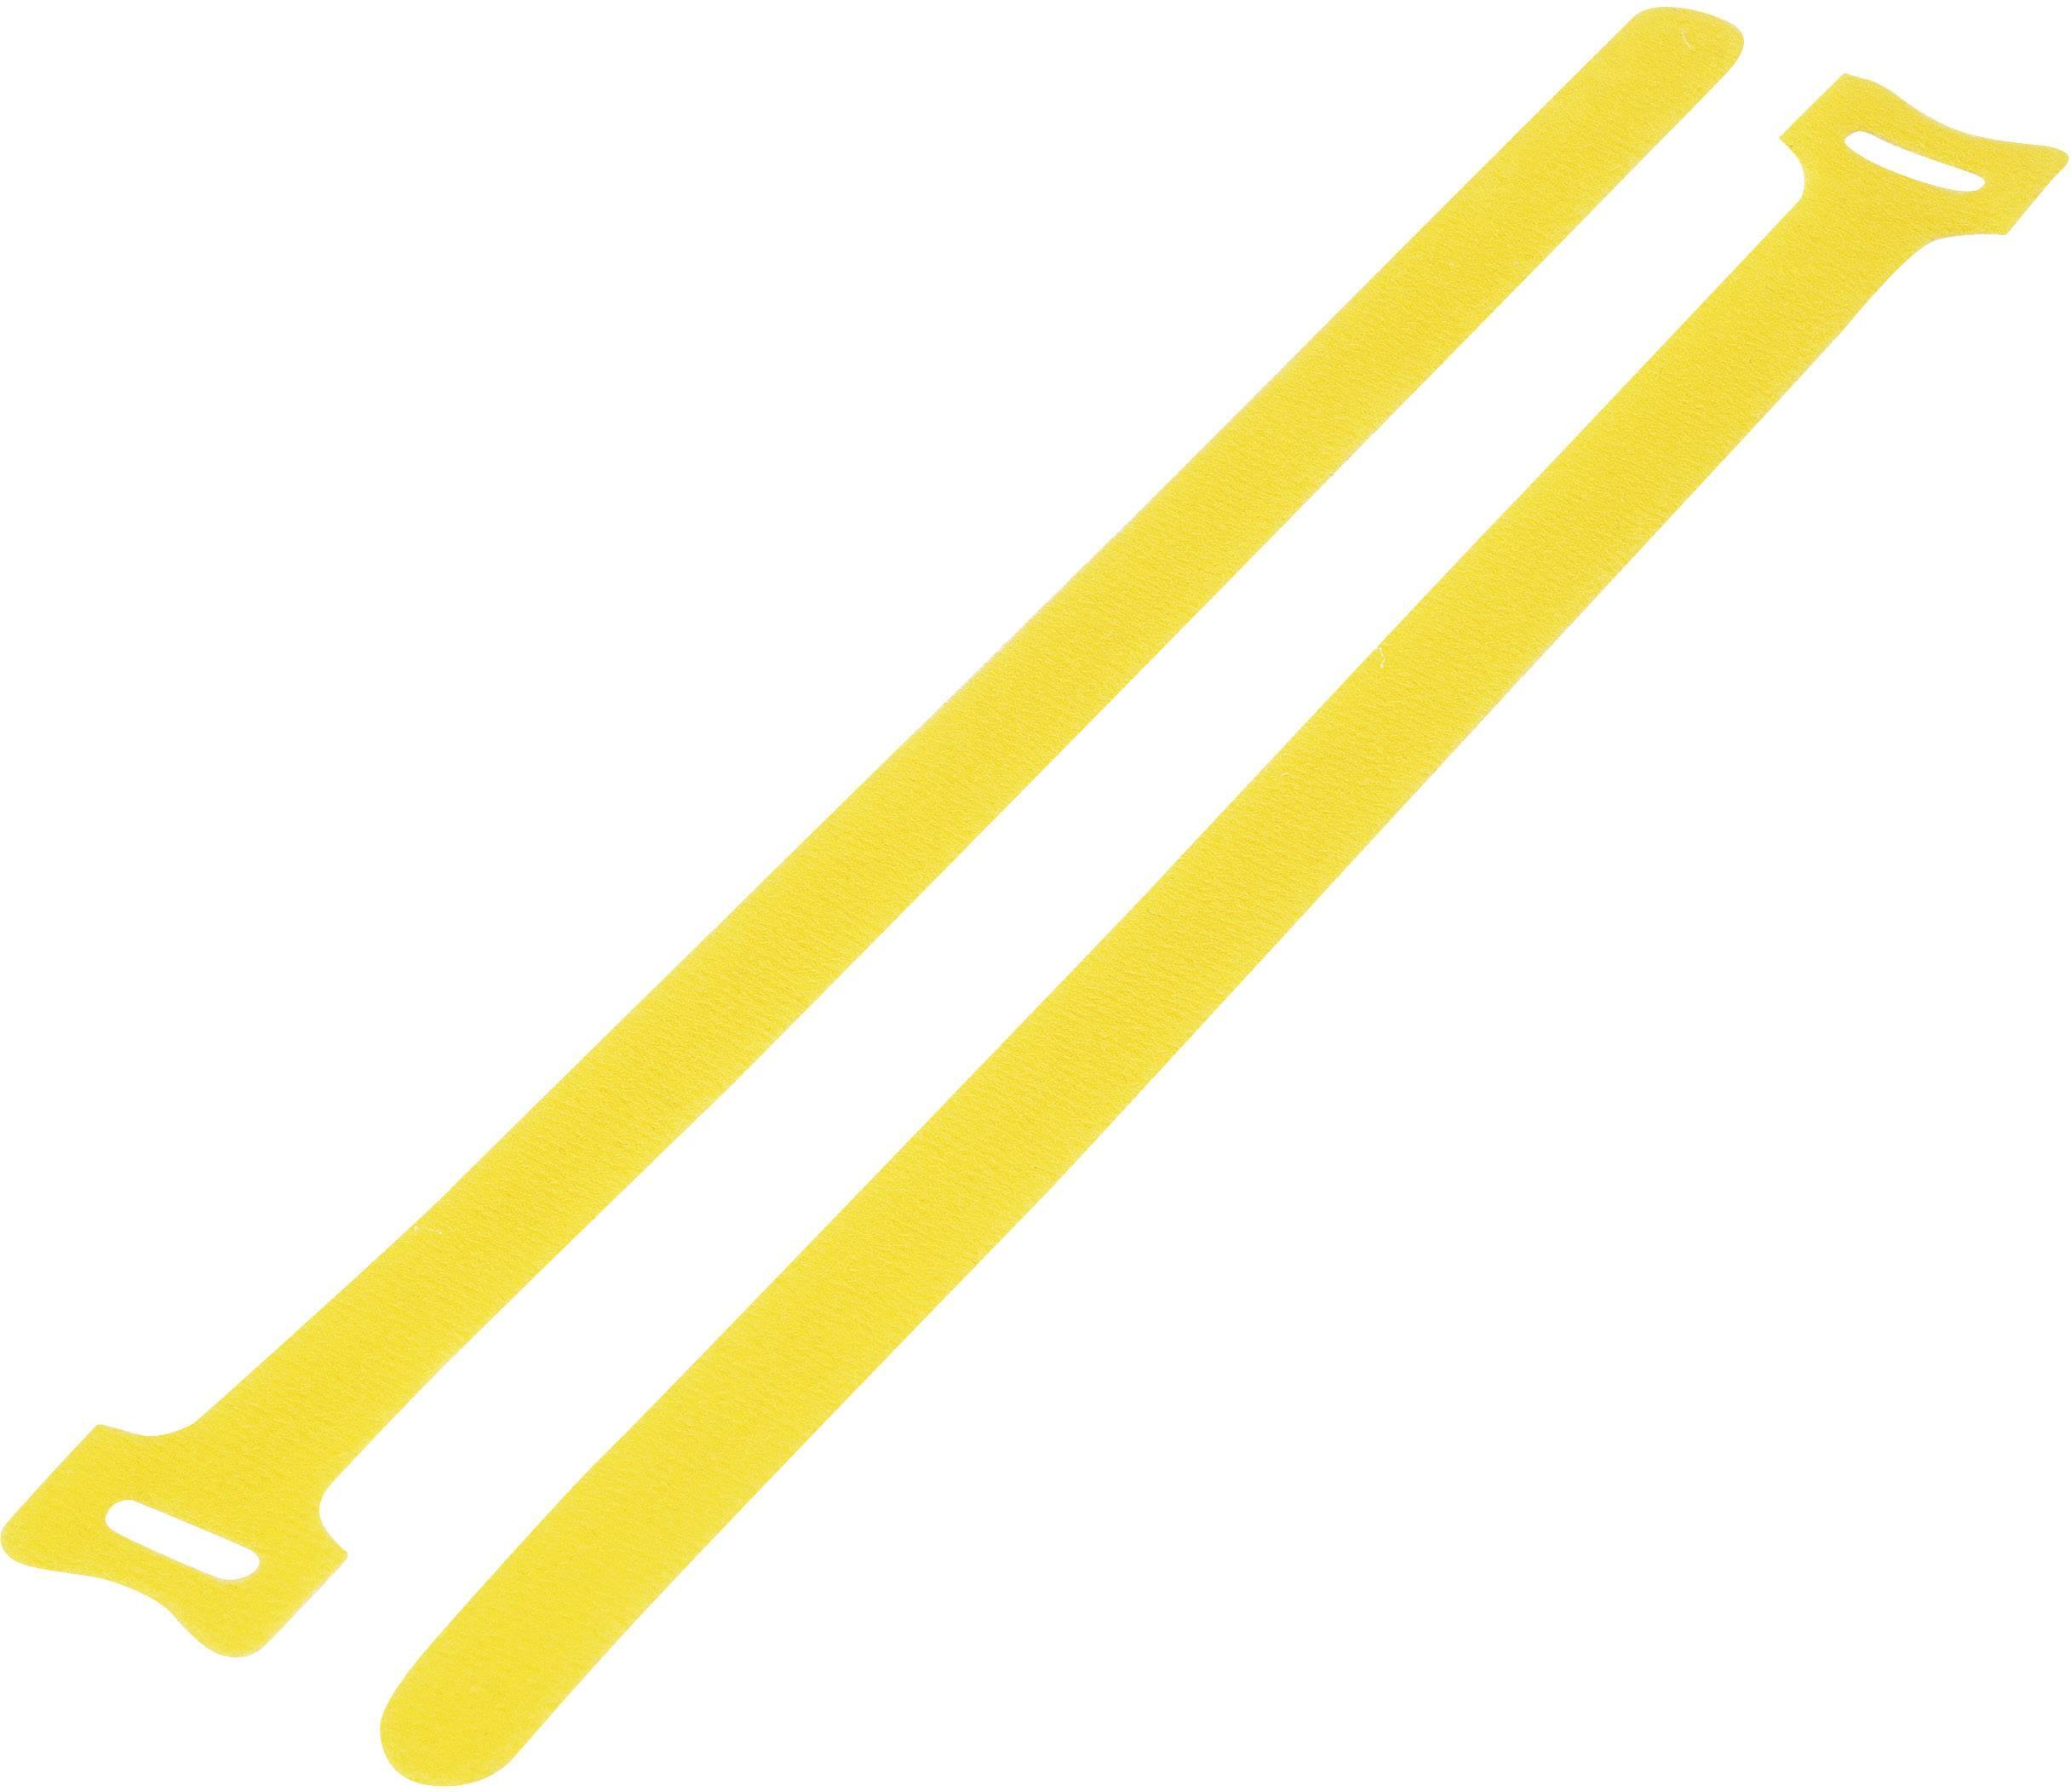 Káblový manažér na suchý zips KSS MGT-125YW, (d x š) 125 mm x 12 mm, žltá, 1 ks